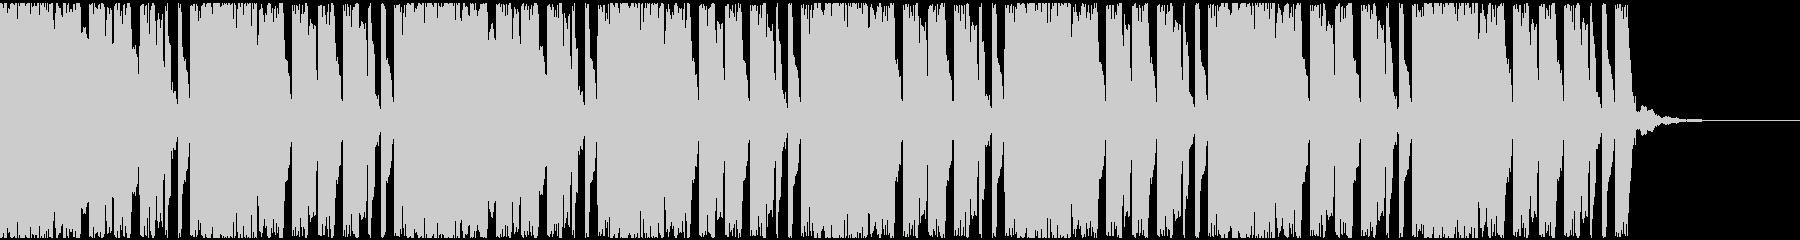 【EDM】ロング8、ミディアム1の未再生の波形